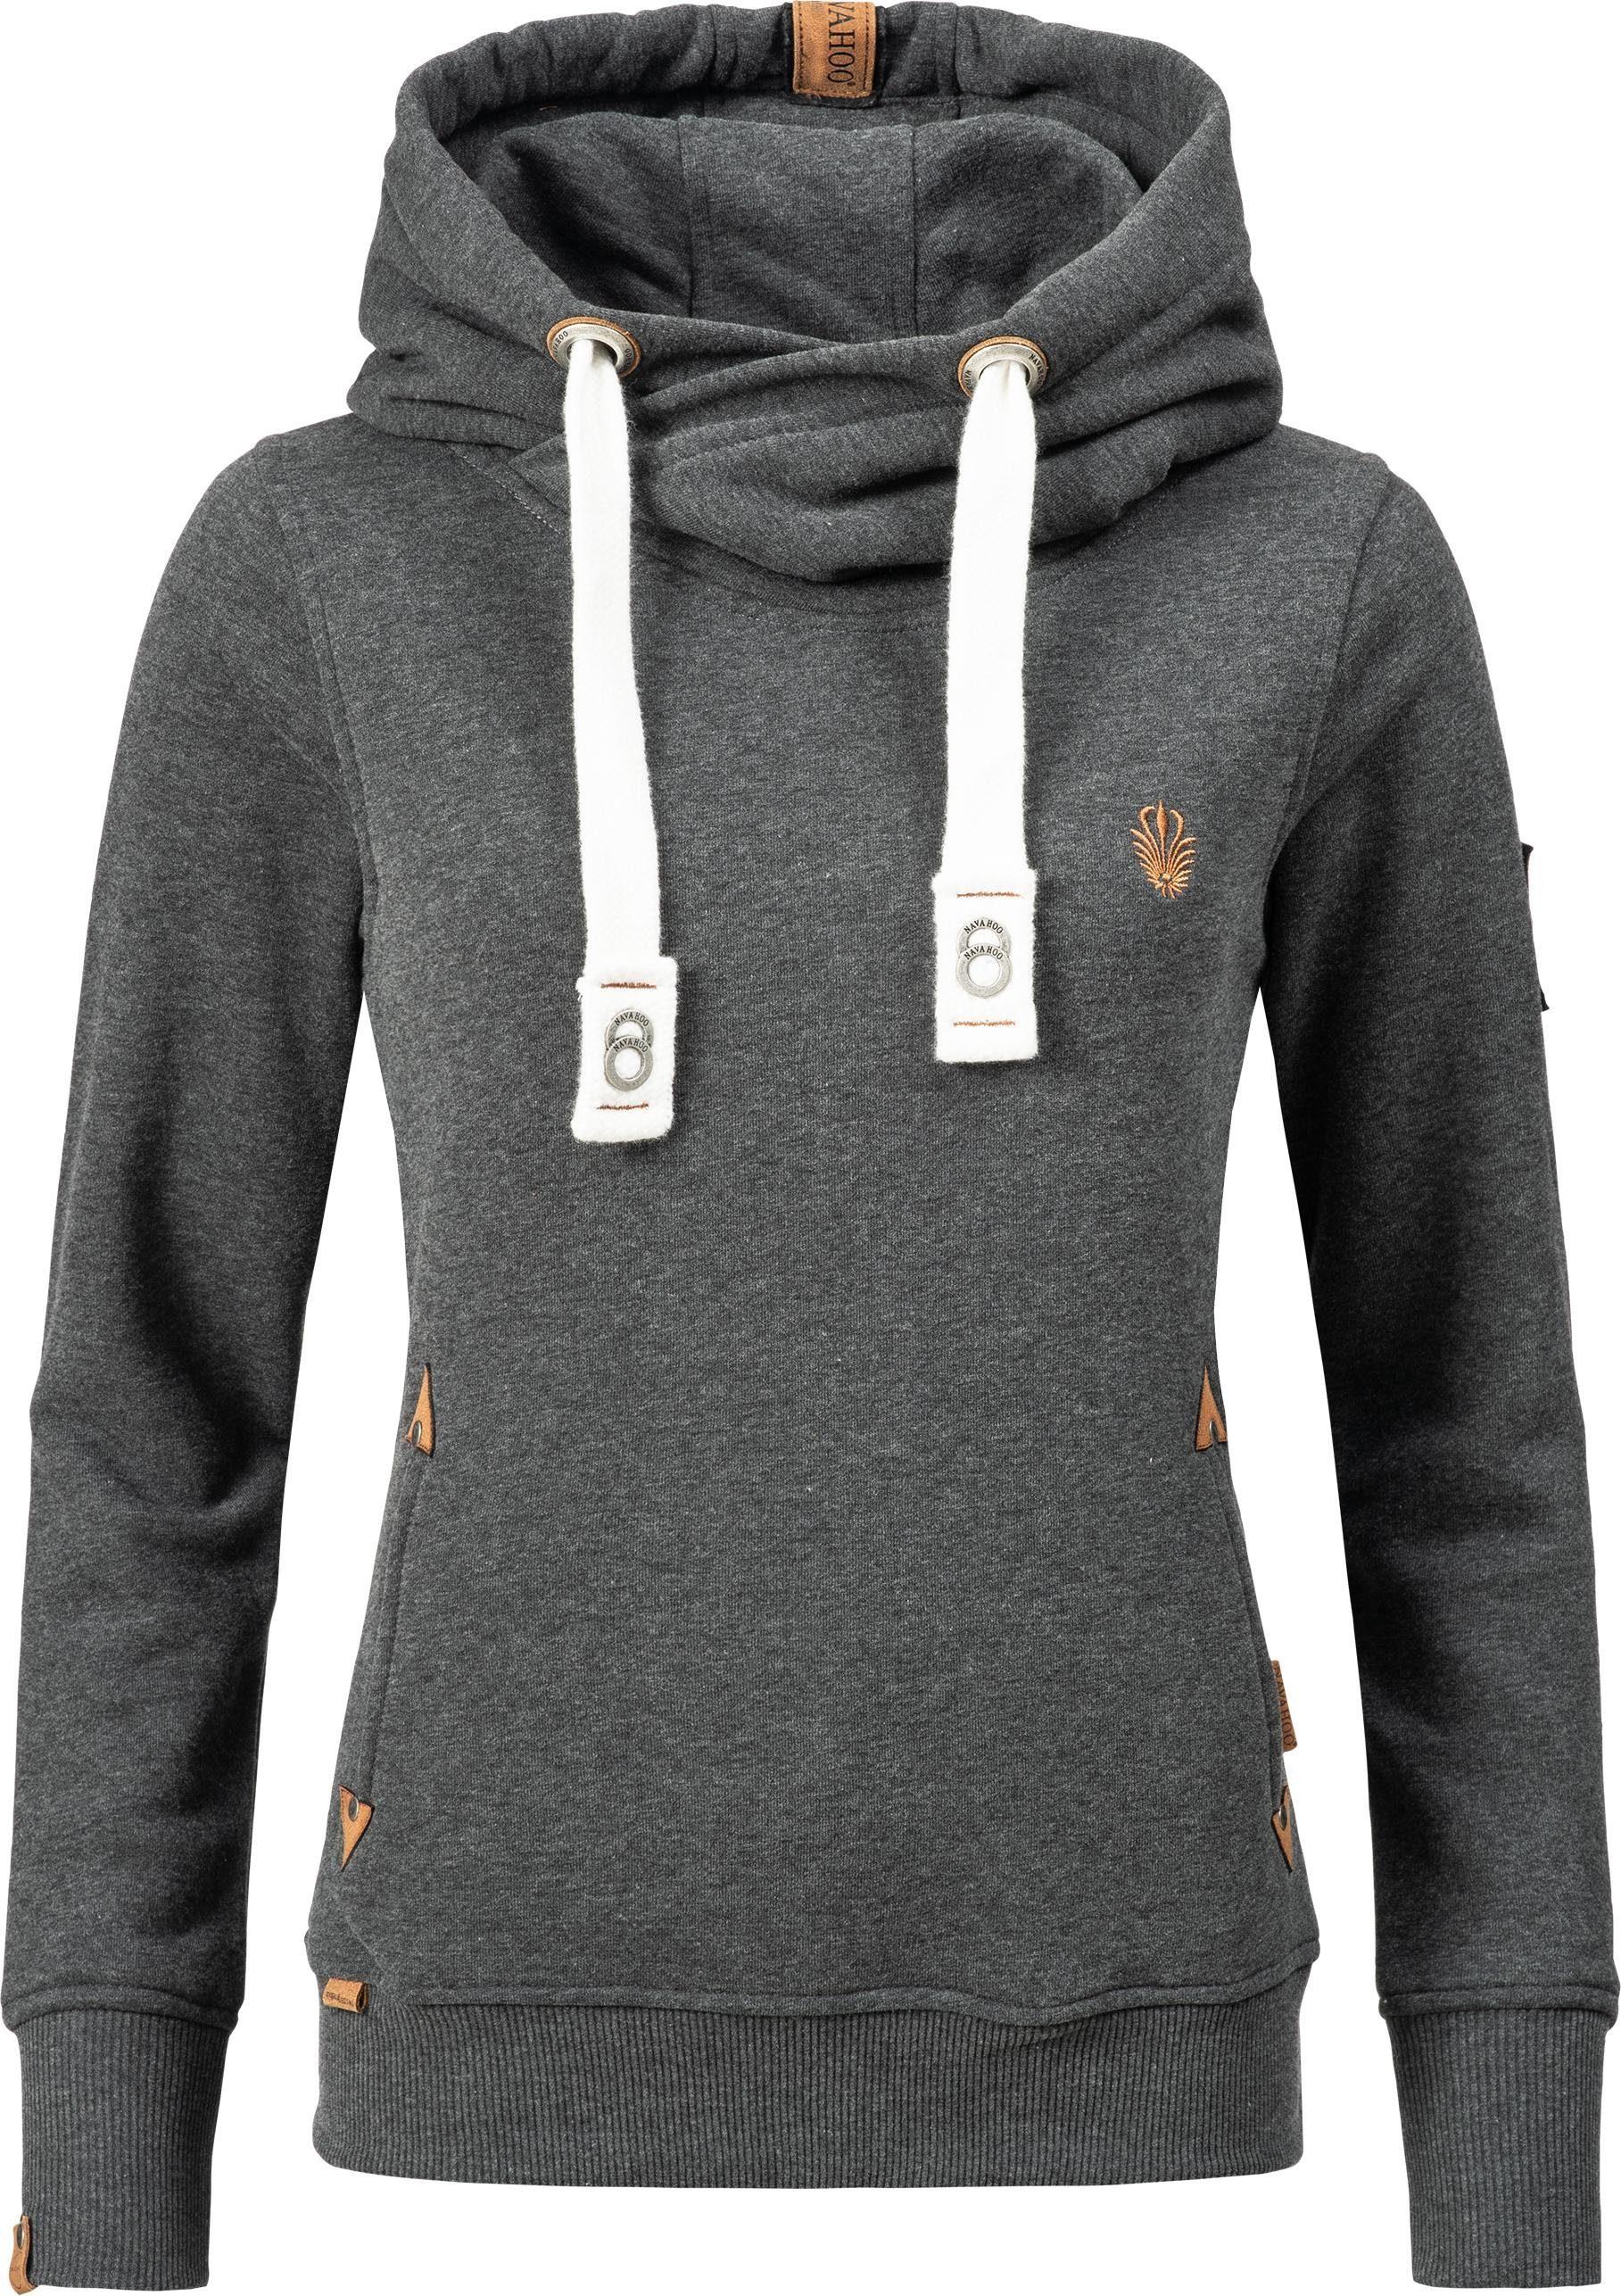 Navahoo Kapuzensweatshirt »Namikaa« weicher Hoodie mit dicken Tunnelzugkordeln an der Kapuze online kaufen | OTTO